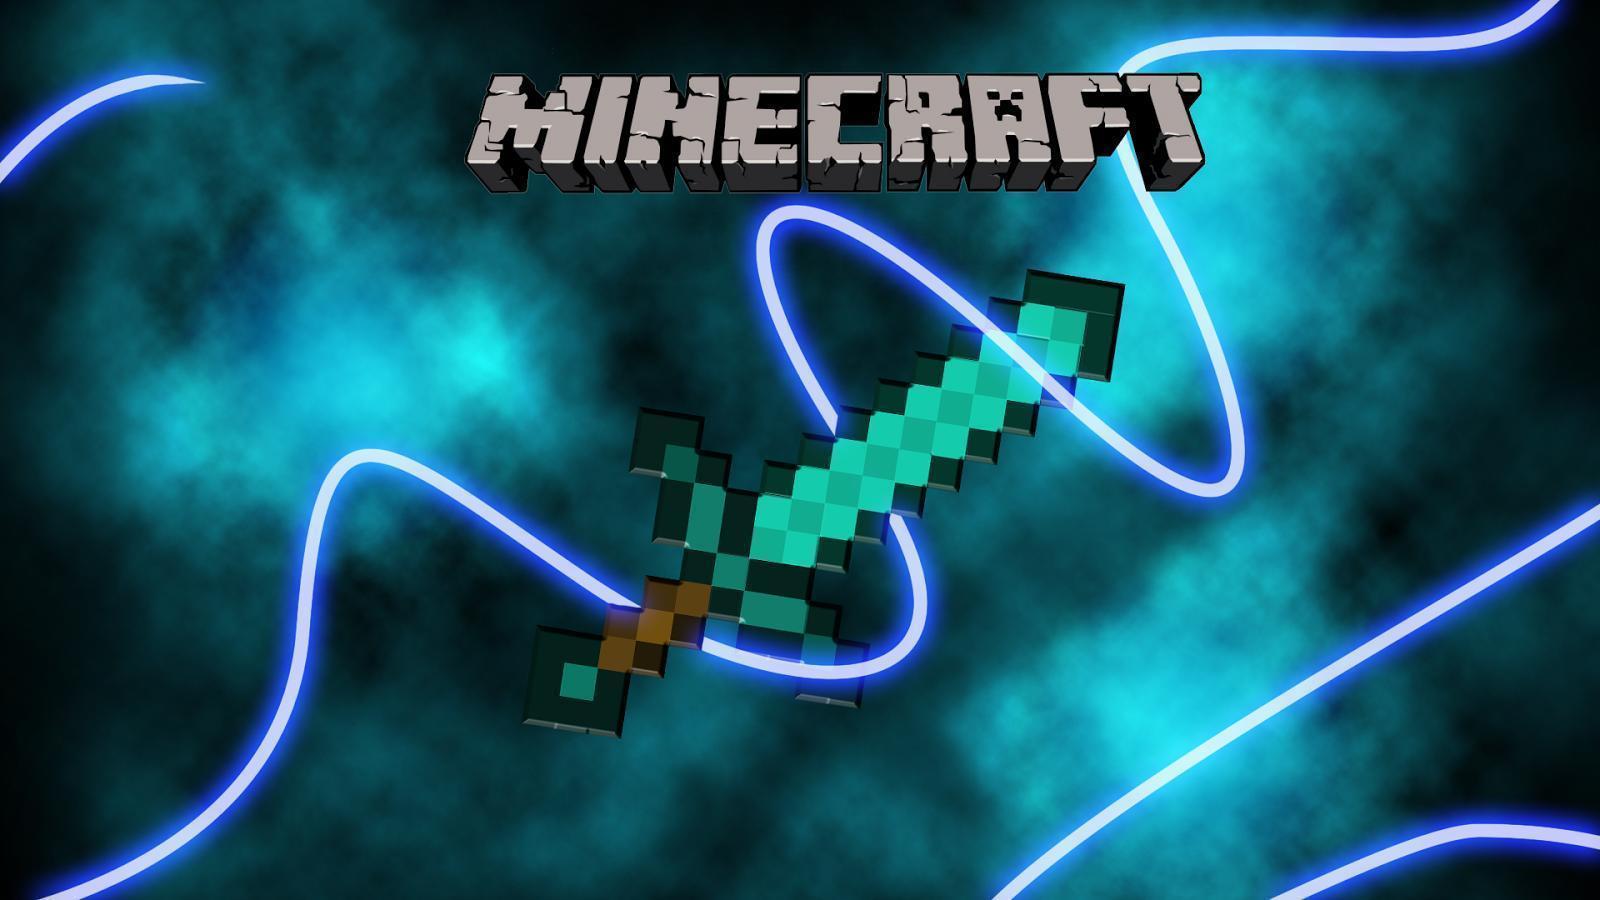 Minecraft Wallpaper HD | New Stylish Wallpaper